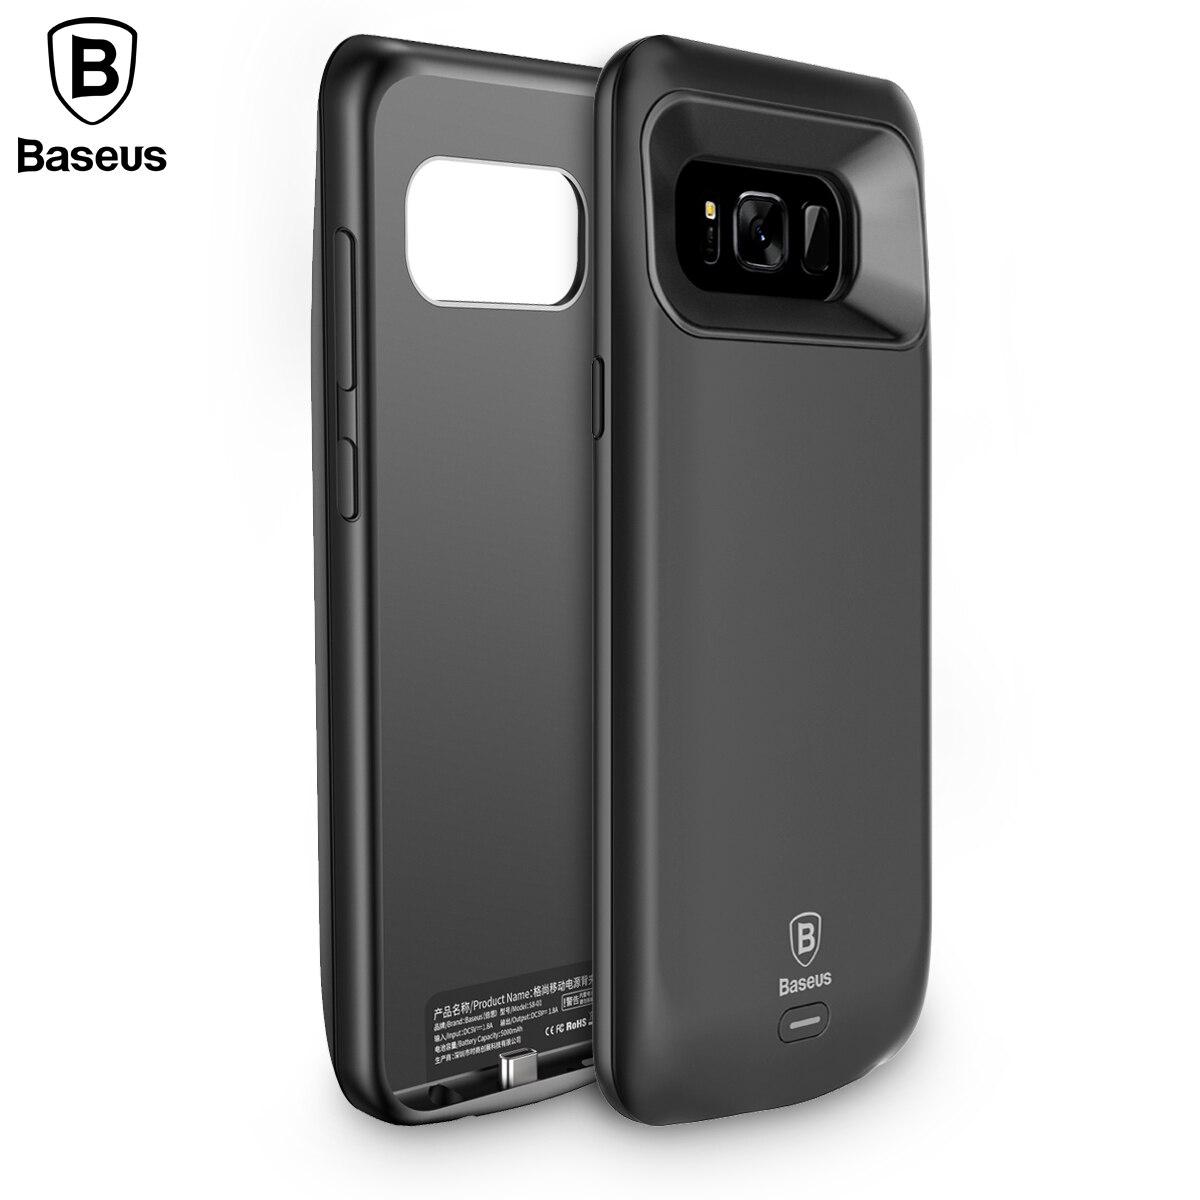 bilder für Baseus Ladegerät Fall Für Samsung S8 S8 + 5500 mAh Externer Batterieleistungbank Für Galaxy S8 Tragbare power Fall